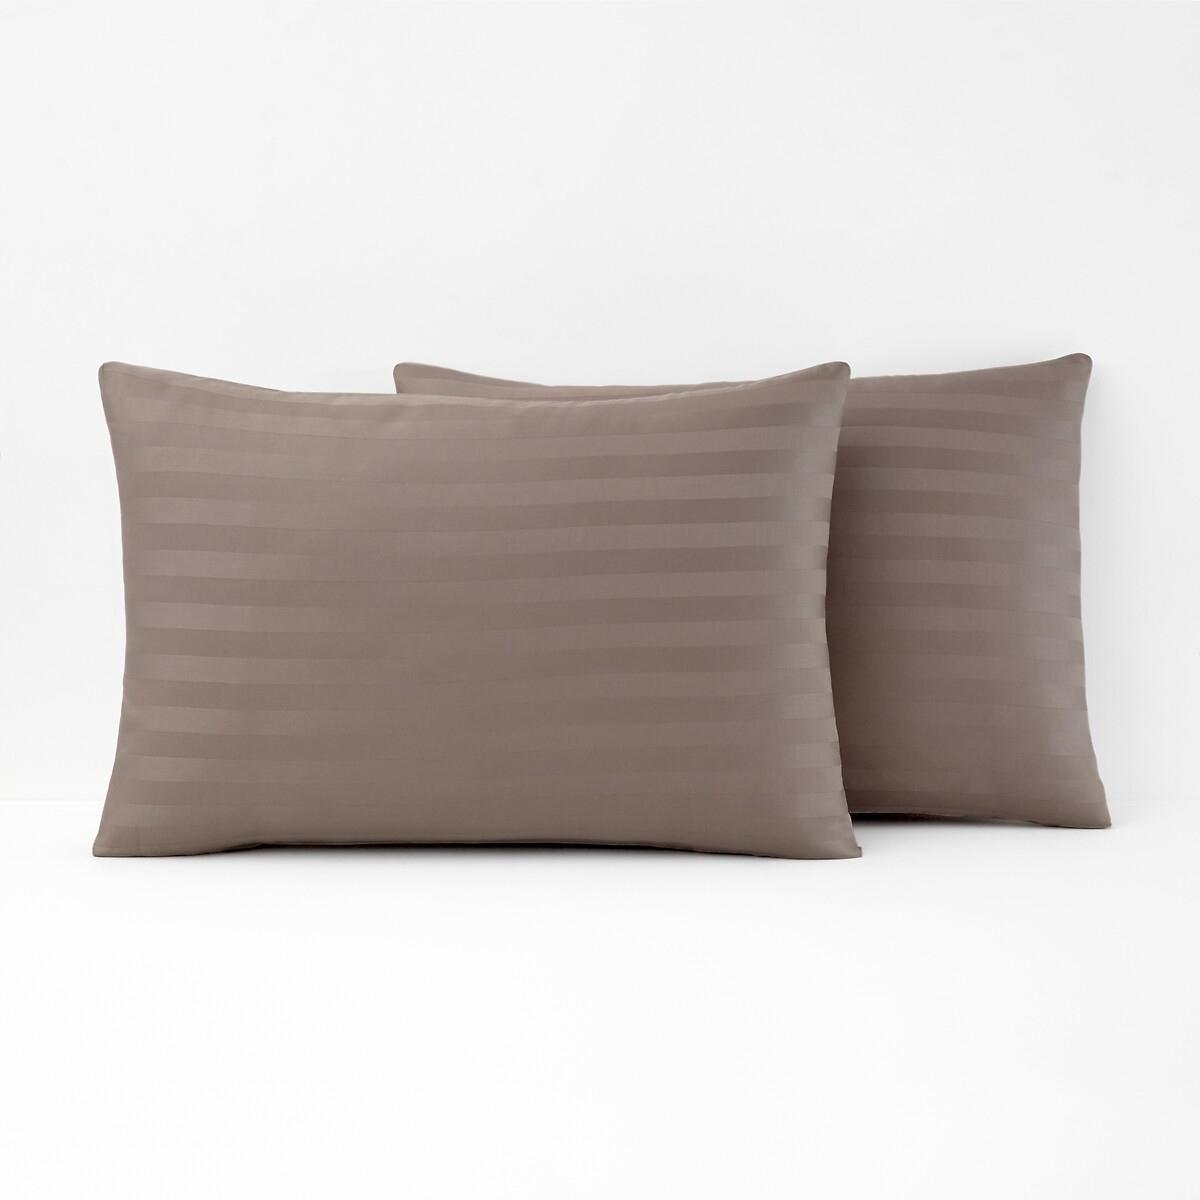 Striped Cotton Satin Pillowcase